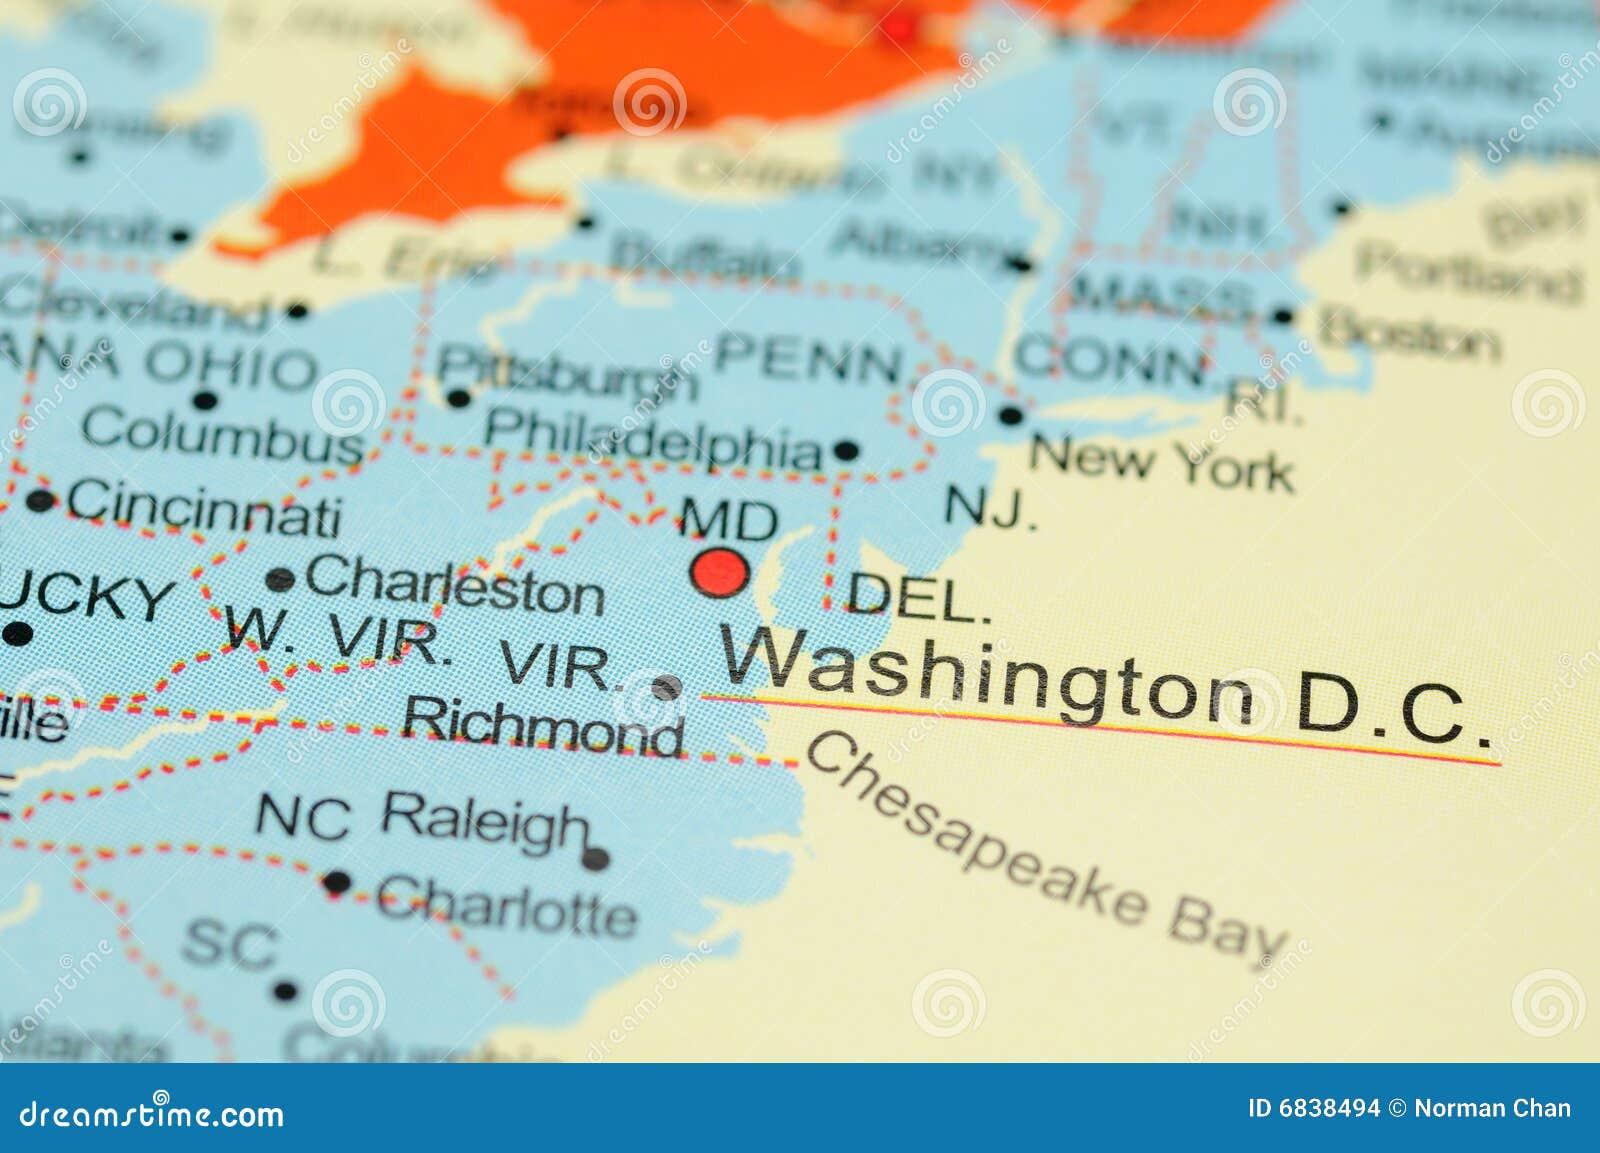 Washington D.C. on map stock photo. Image of washington ...